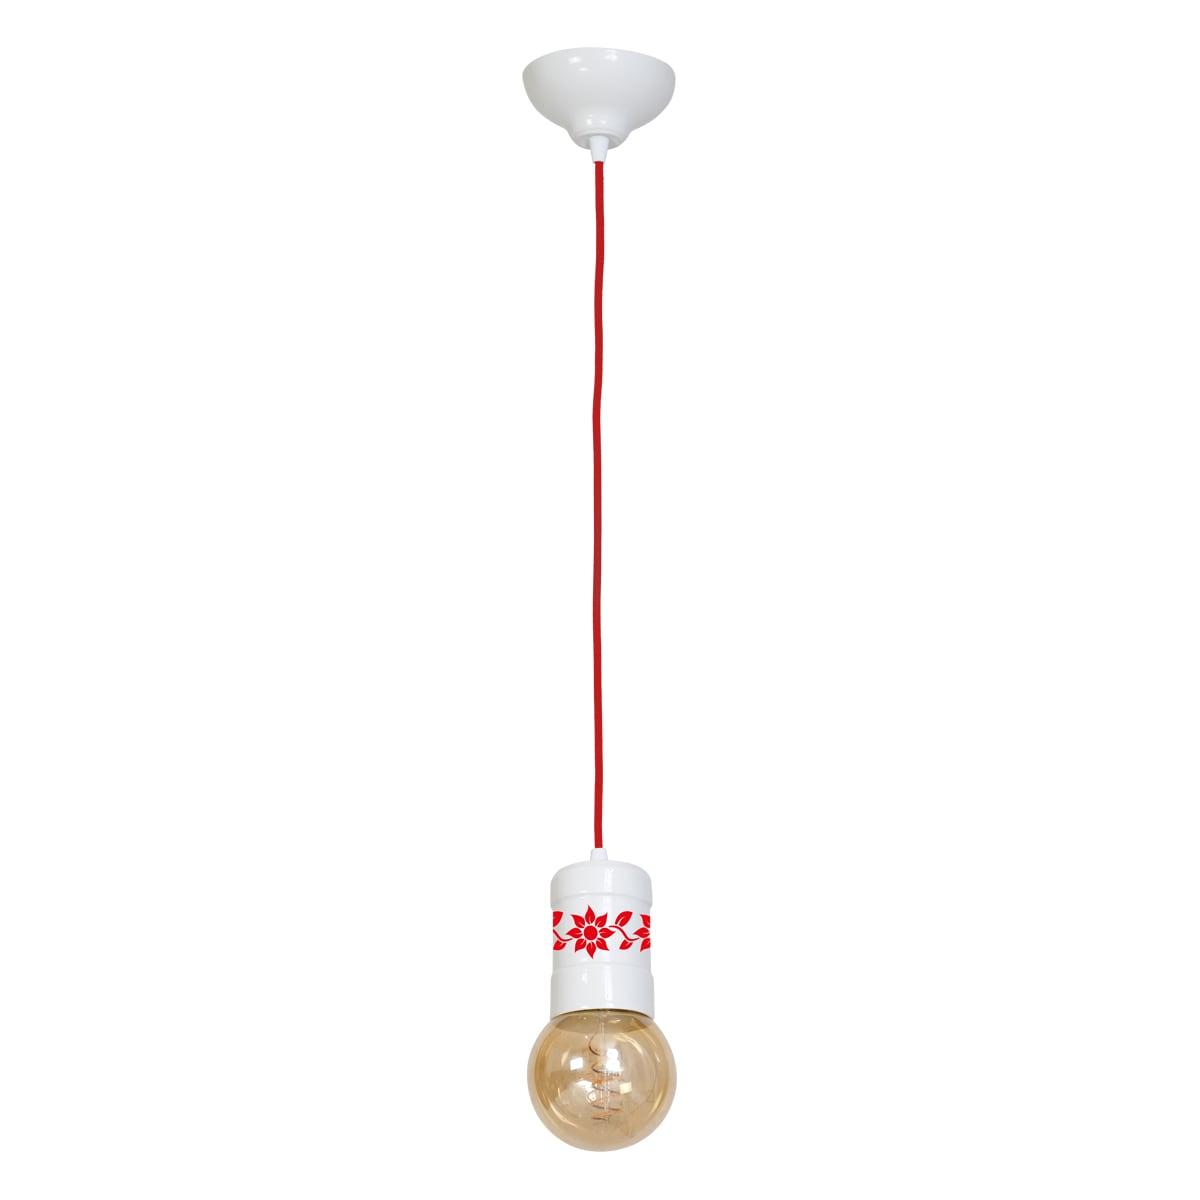 Lampa suspendată Milagro AMELIE 557 Multi 1xE27 40W